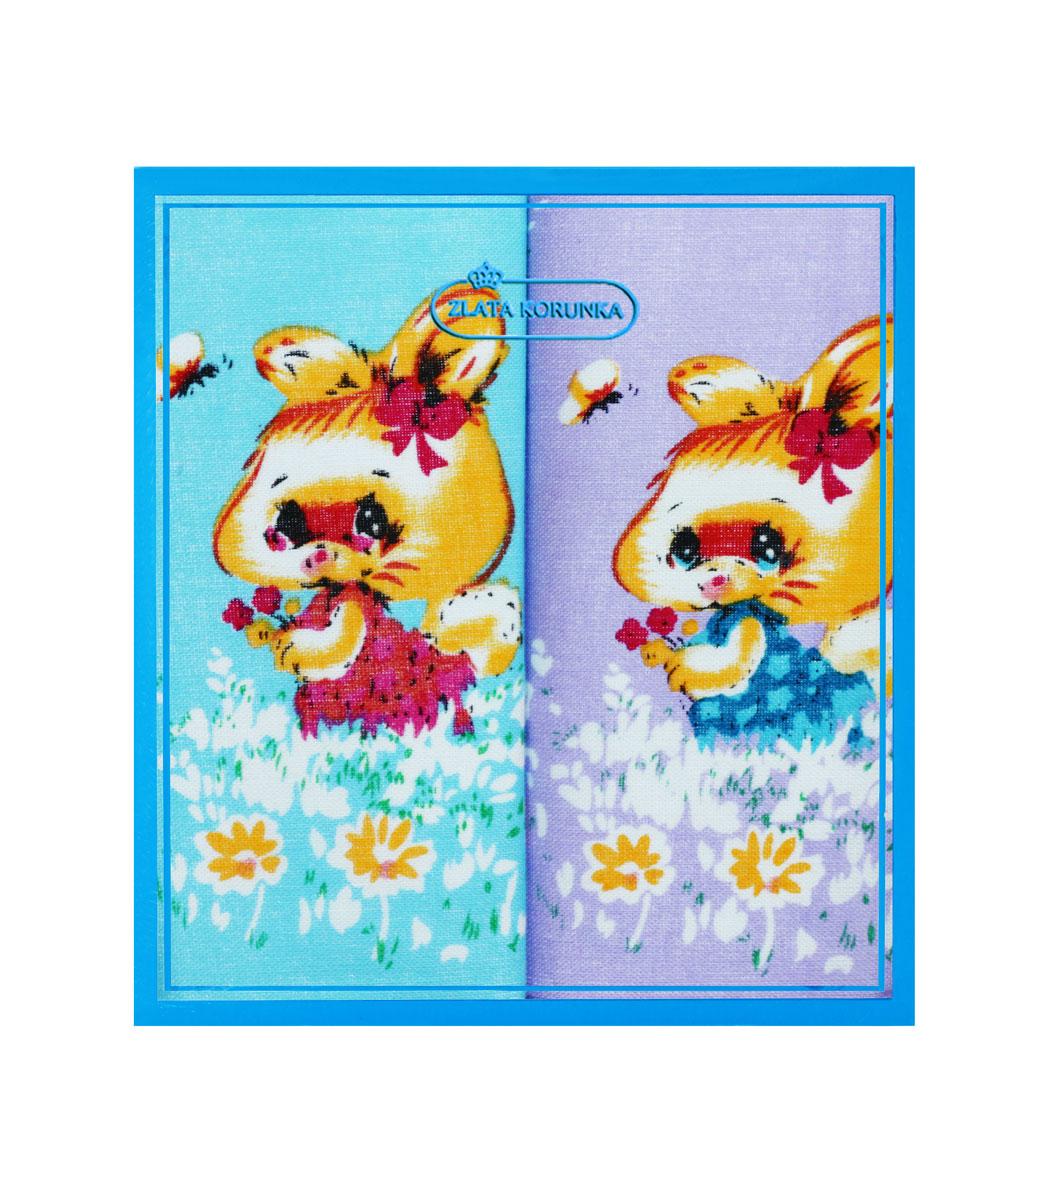 40230-7 Zlata Korunka Носовой платок детский, цвет: мультиколор, 21х21 см, 2 шт40230-7Платки носовые детские в упаковке по 2 шт. Носовые платки изготовлены из 100% хлопка, так как этот материал приятен в использовании, хорошо стирается, не садится, отлично впитывает влагу.